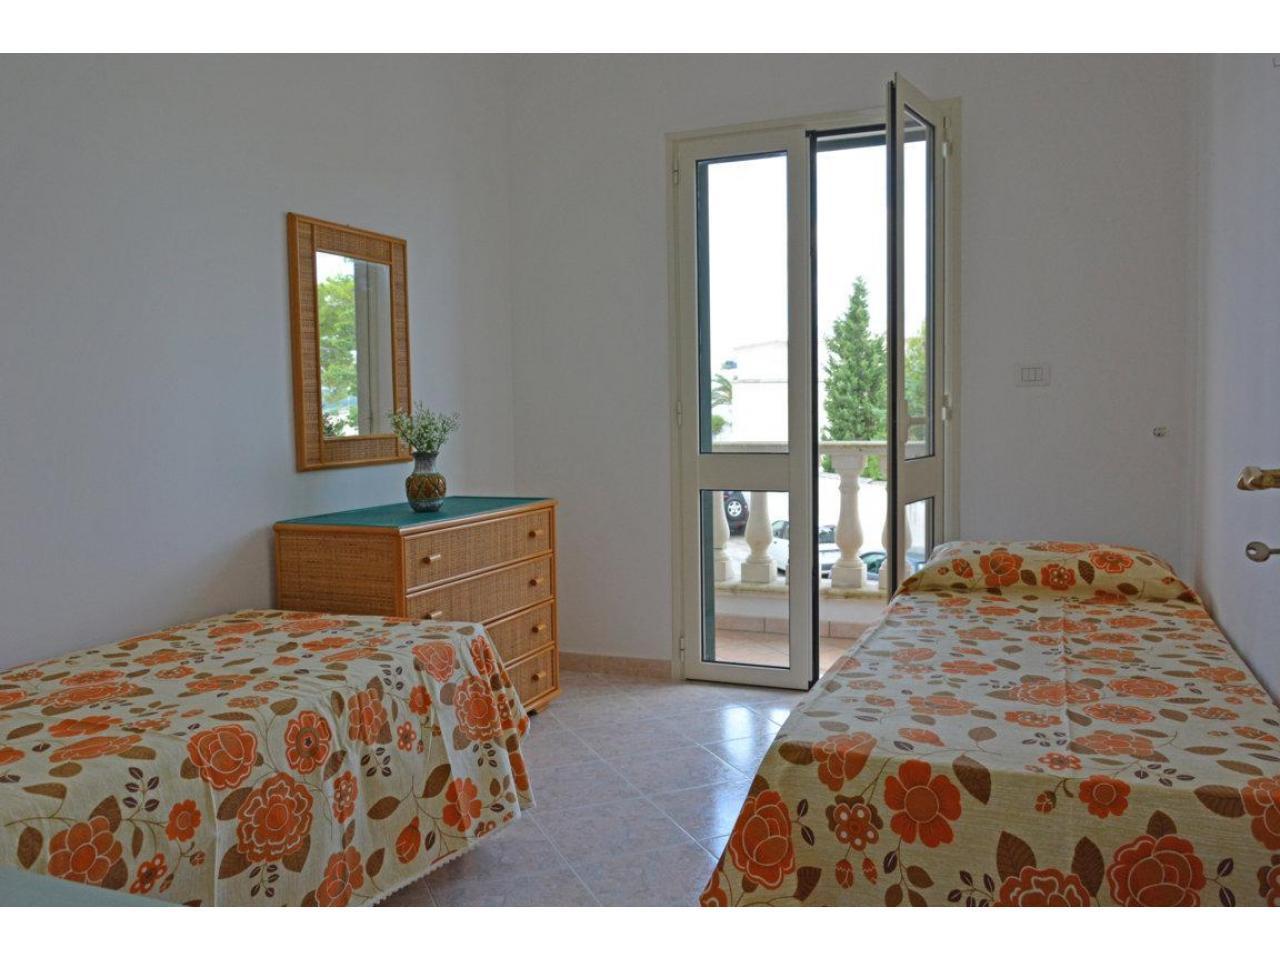 Вилла для отдыха в Санта-Мария-ди-Леука, Апулия, Италия - 6